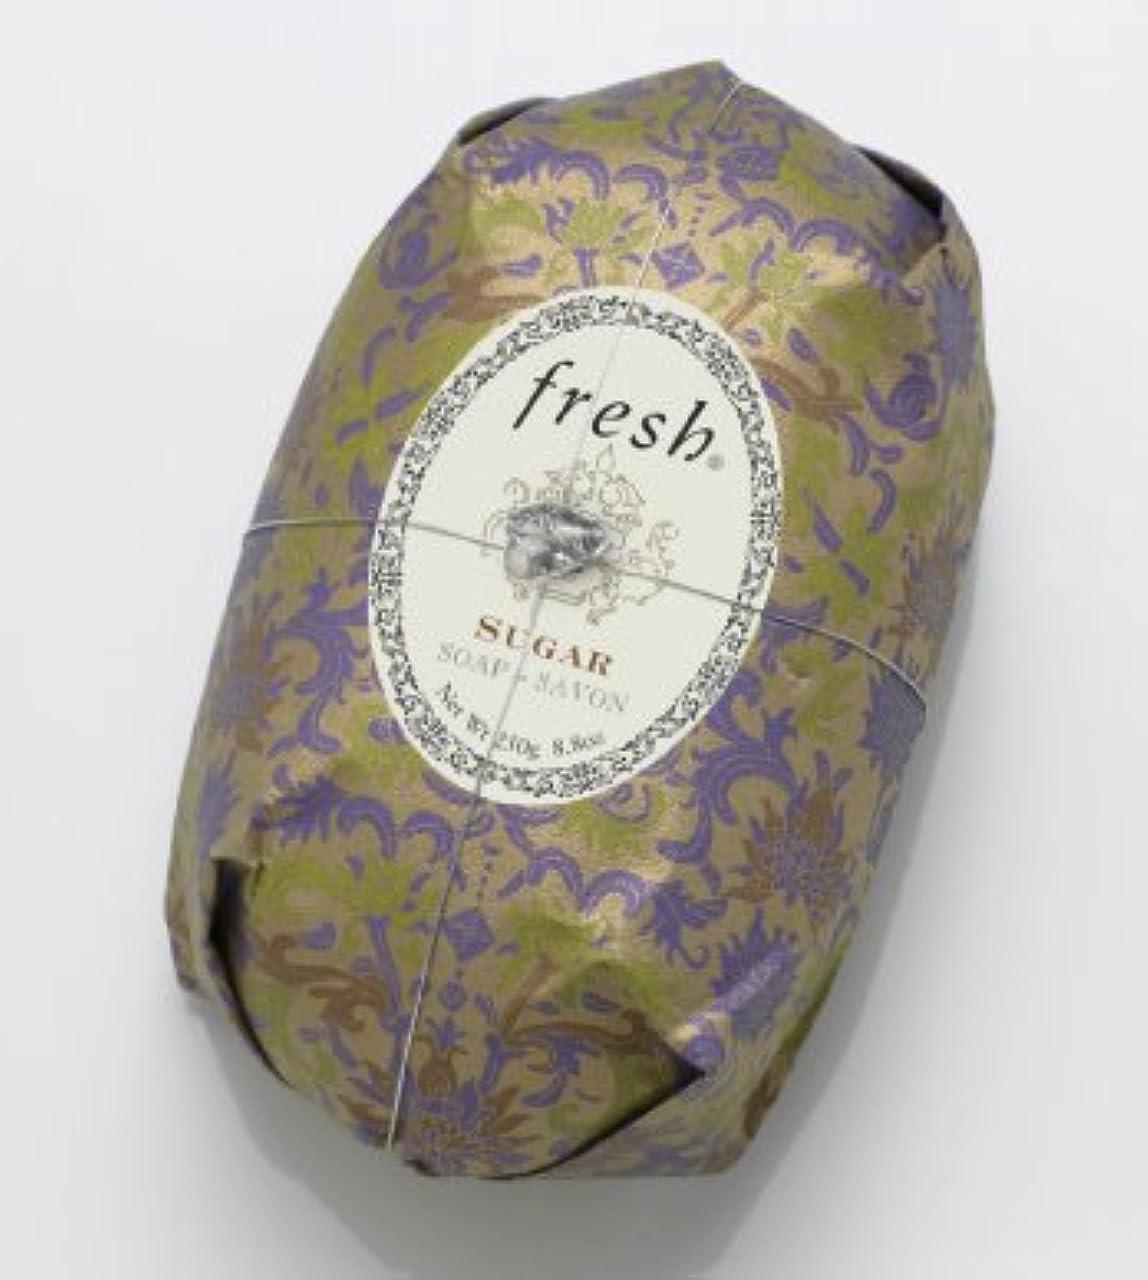 ペルソナ青鋼Fresh SUGAR SOAP (フレッシュ シュガー ソープ) 8.8 oz (250g) Soap (石鹸) by Fresh